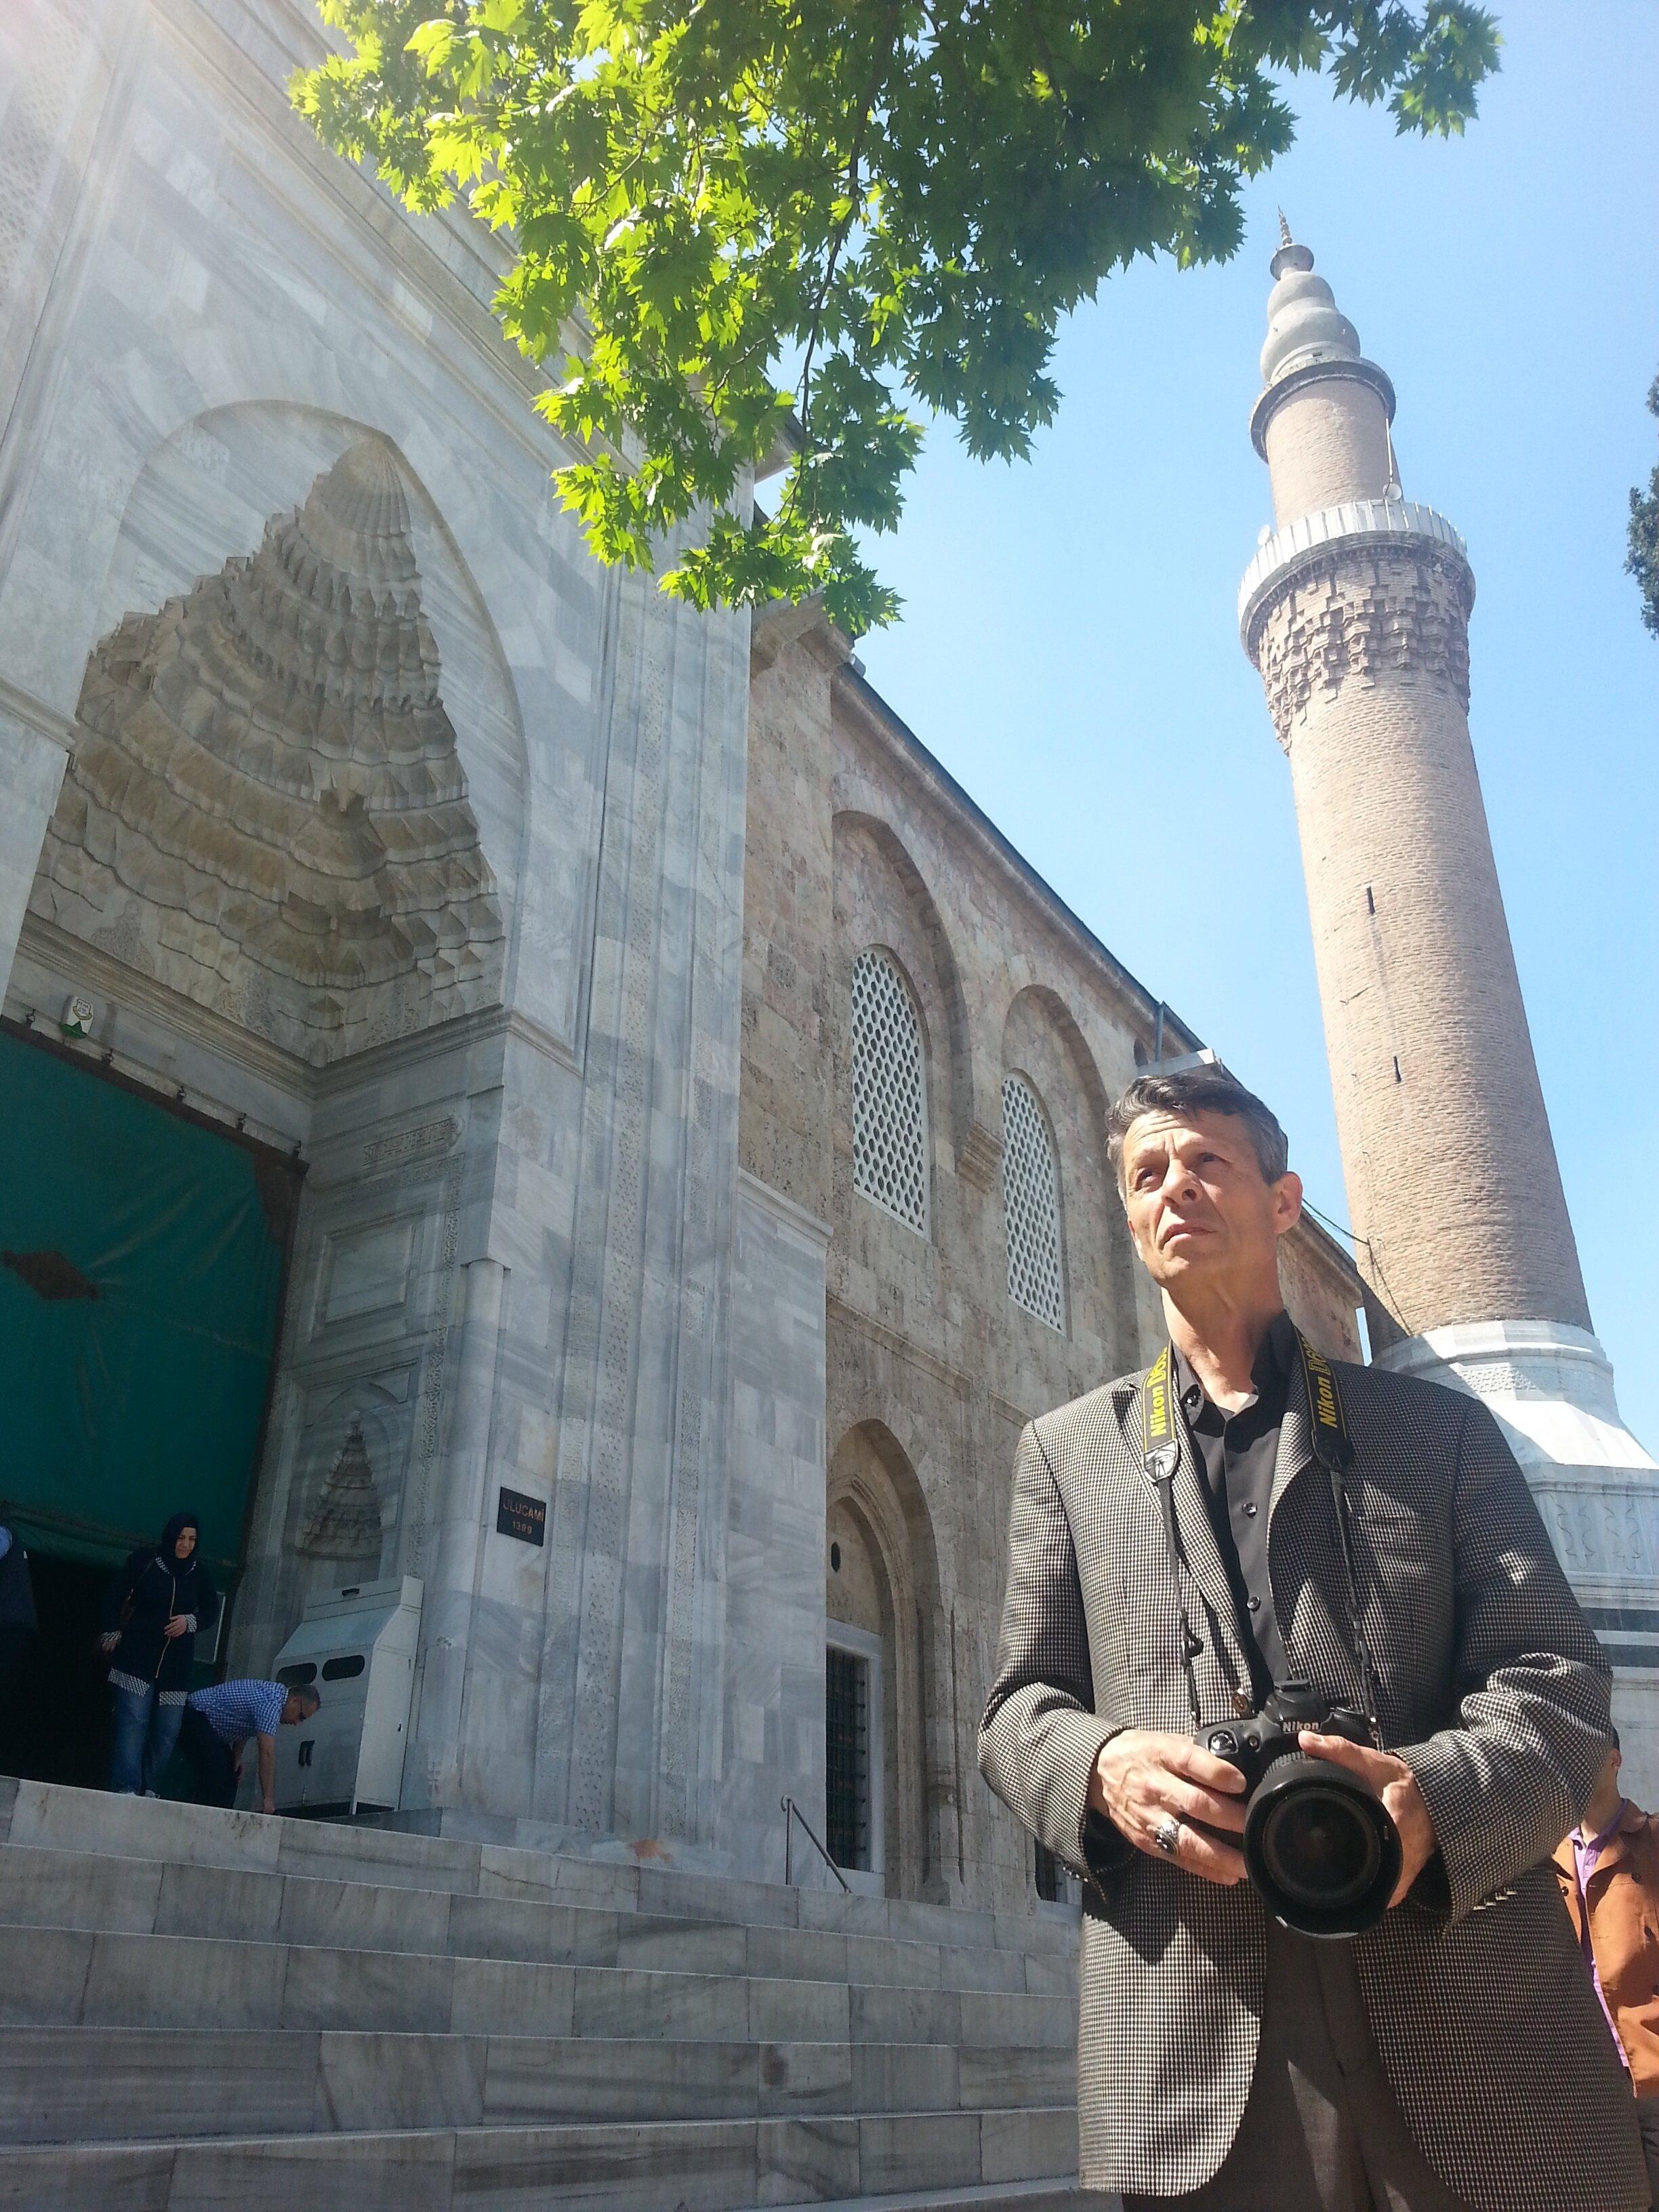 Mustafa Cambaz, Başbakanlık Atatürk Kültür Merkezi Başkanlığınca Türkiye'deki bütün ulu camilerin fotoğraflarını çeken tek sanatçıydı.